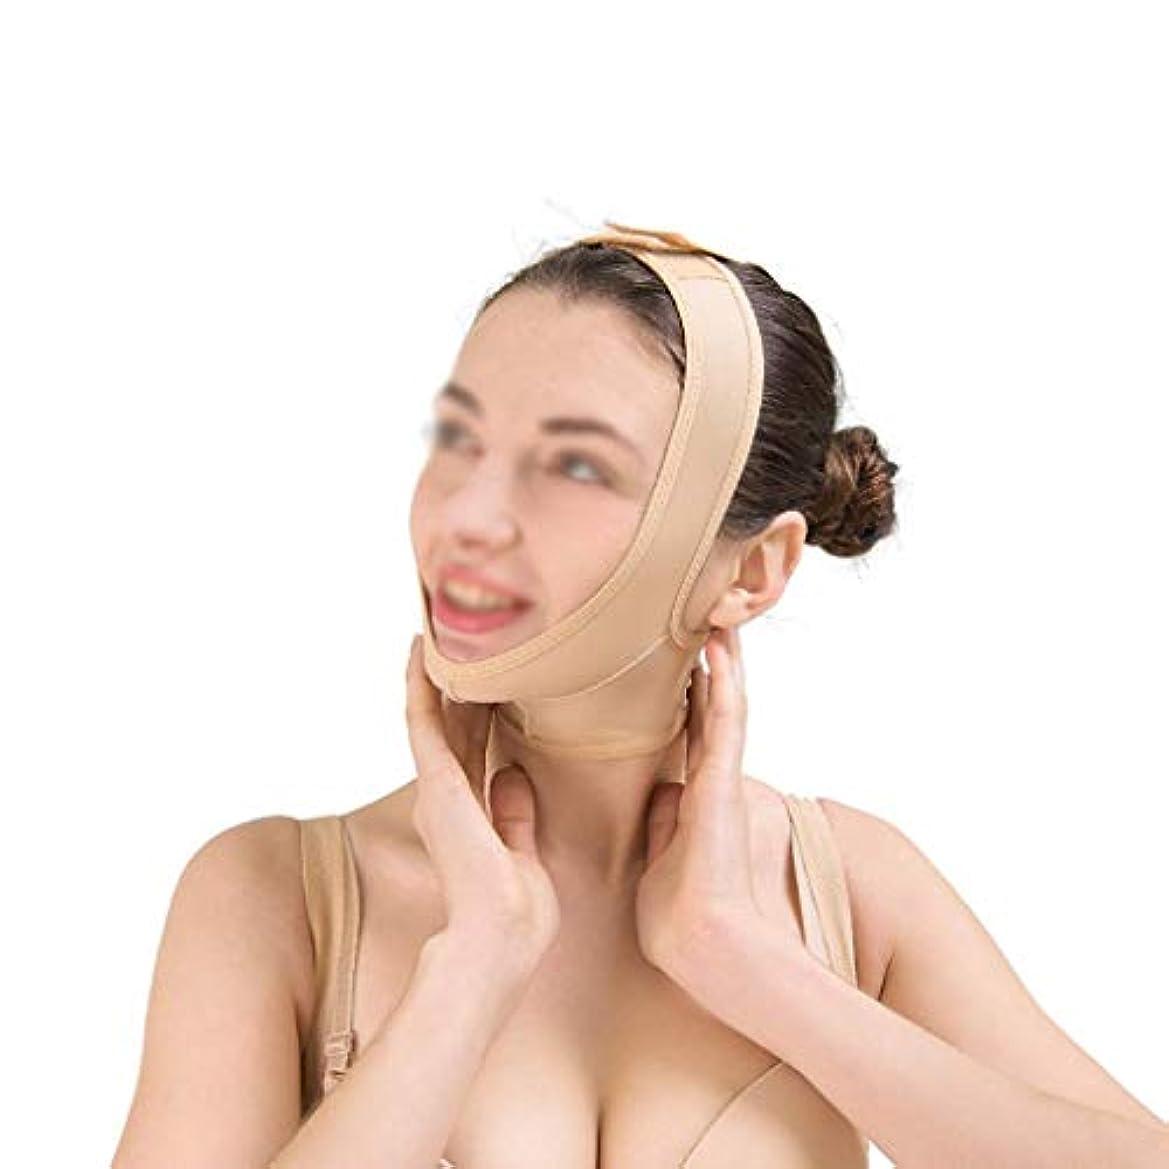 どうやって有名人最悪ダブルチンストラップ、包帯の持ち上げ、肌の包帯の持ち上げと引き締め フェイスマスク、快適で 顔の持ち上がるマスク(サイズ:S),XL